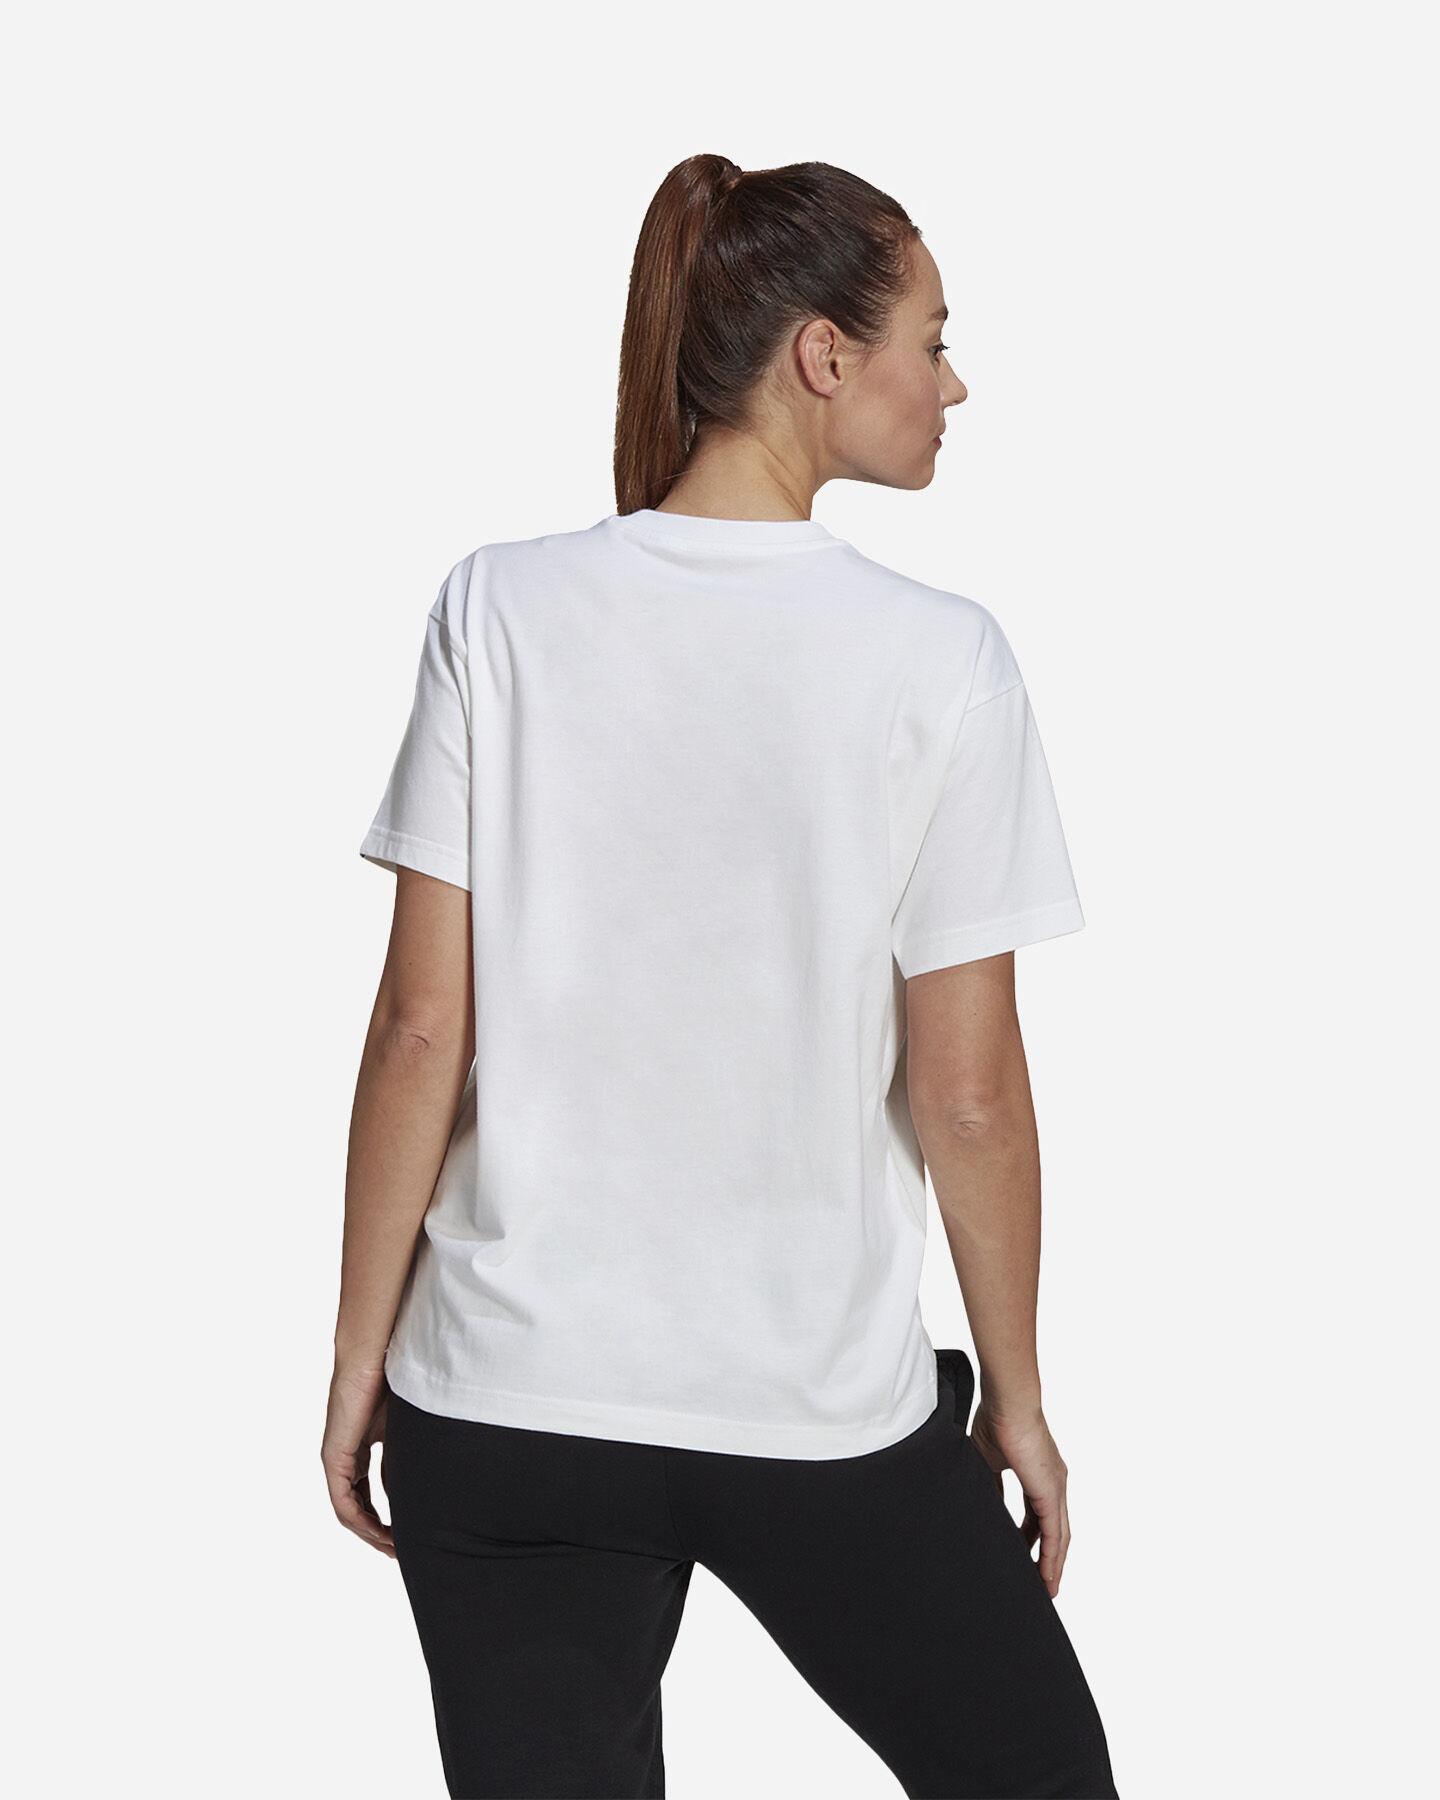 T-Shirt ADIDAS VALENTINE W S5274725 scatto 2